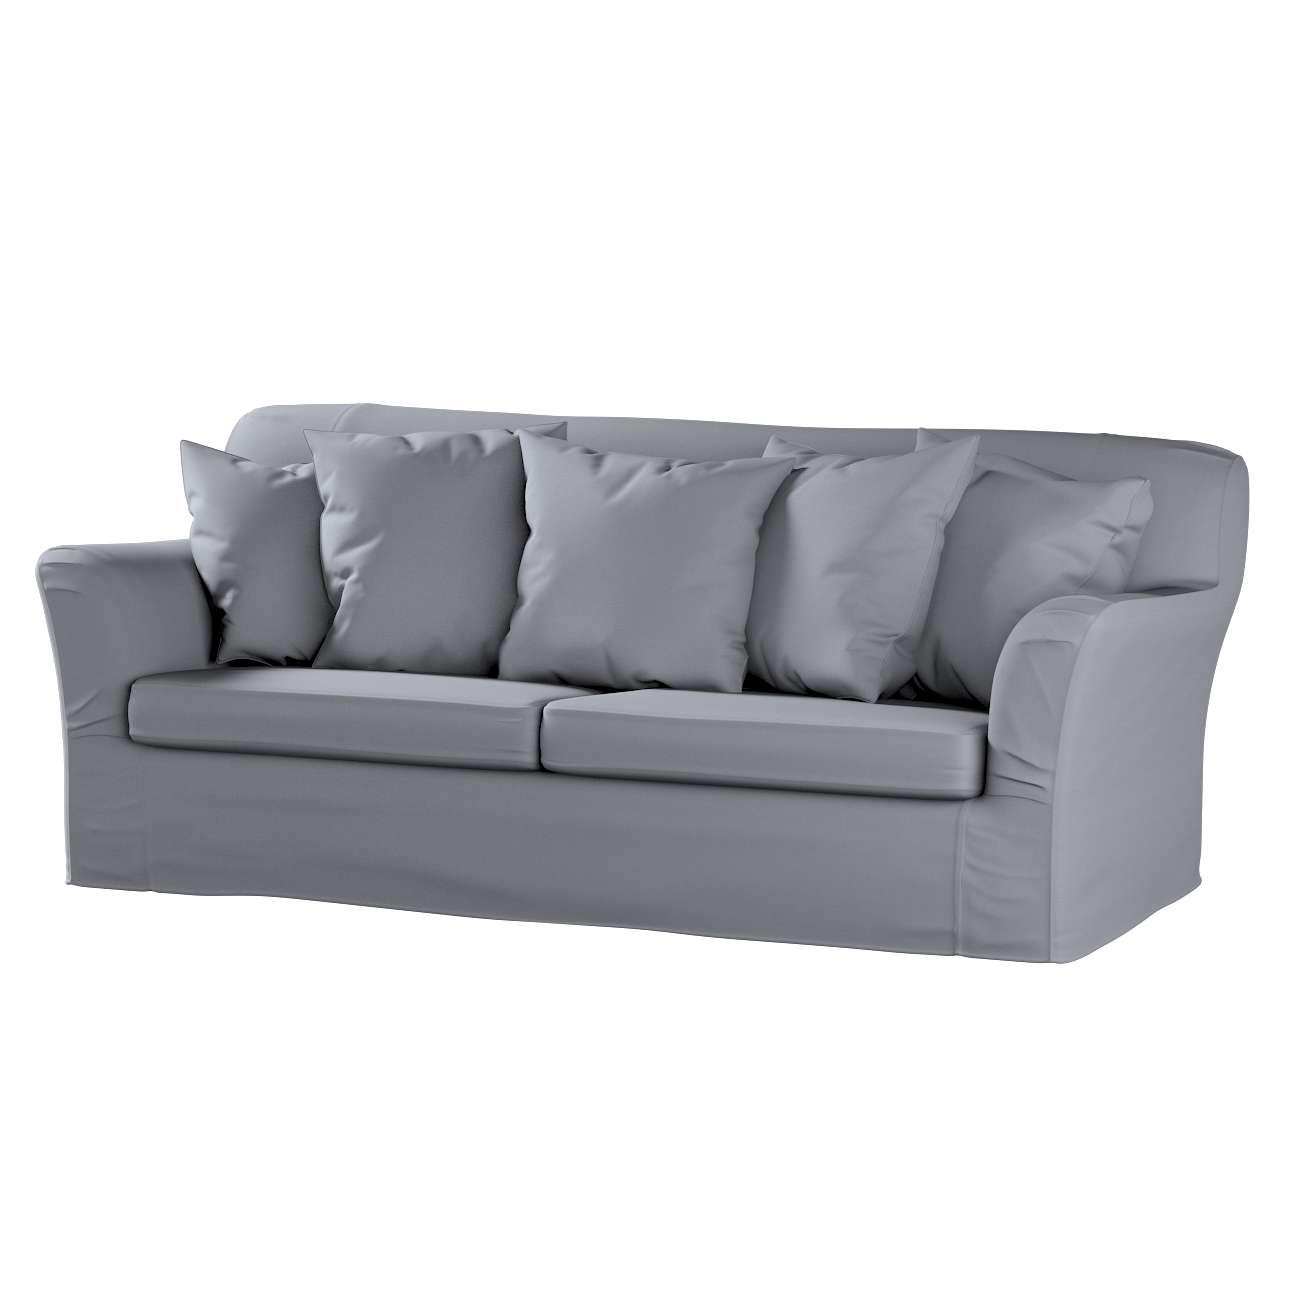 Pokrowiec na sofę Tomelilla 3-osobową rozkładaną Sofa Tomelilla rozkładana w kolekcji Cotton Panama, tkanina: 702-07